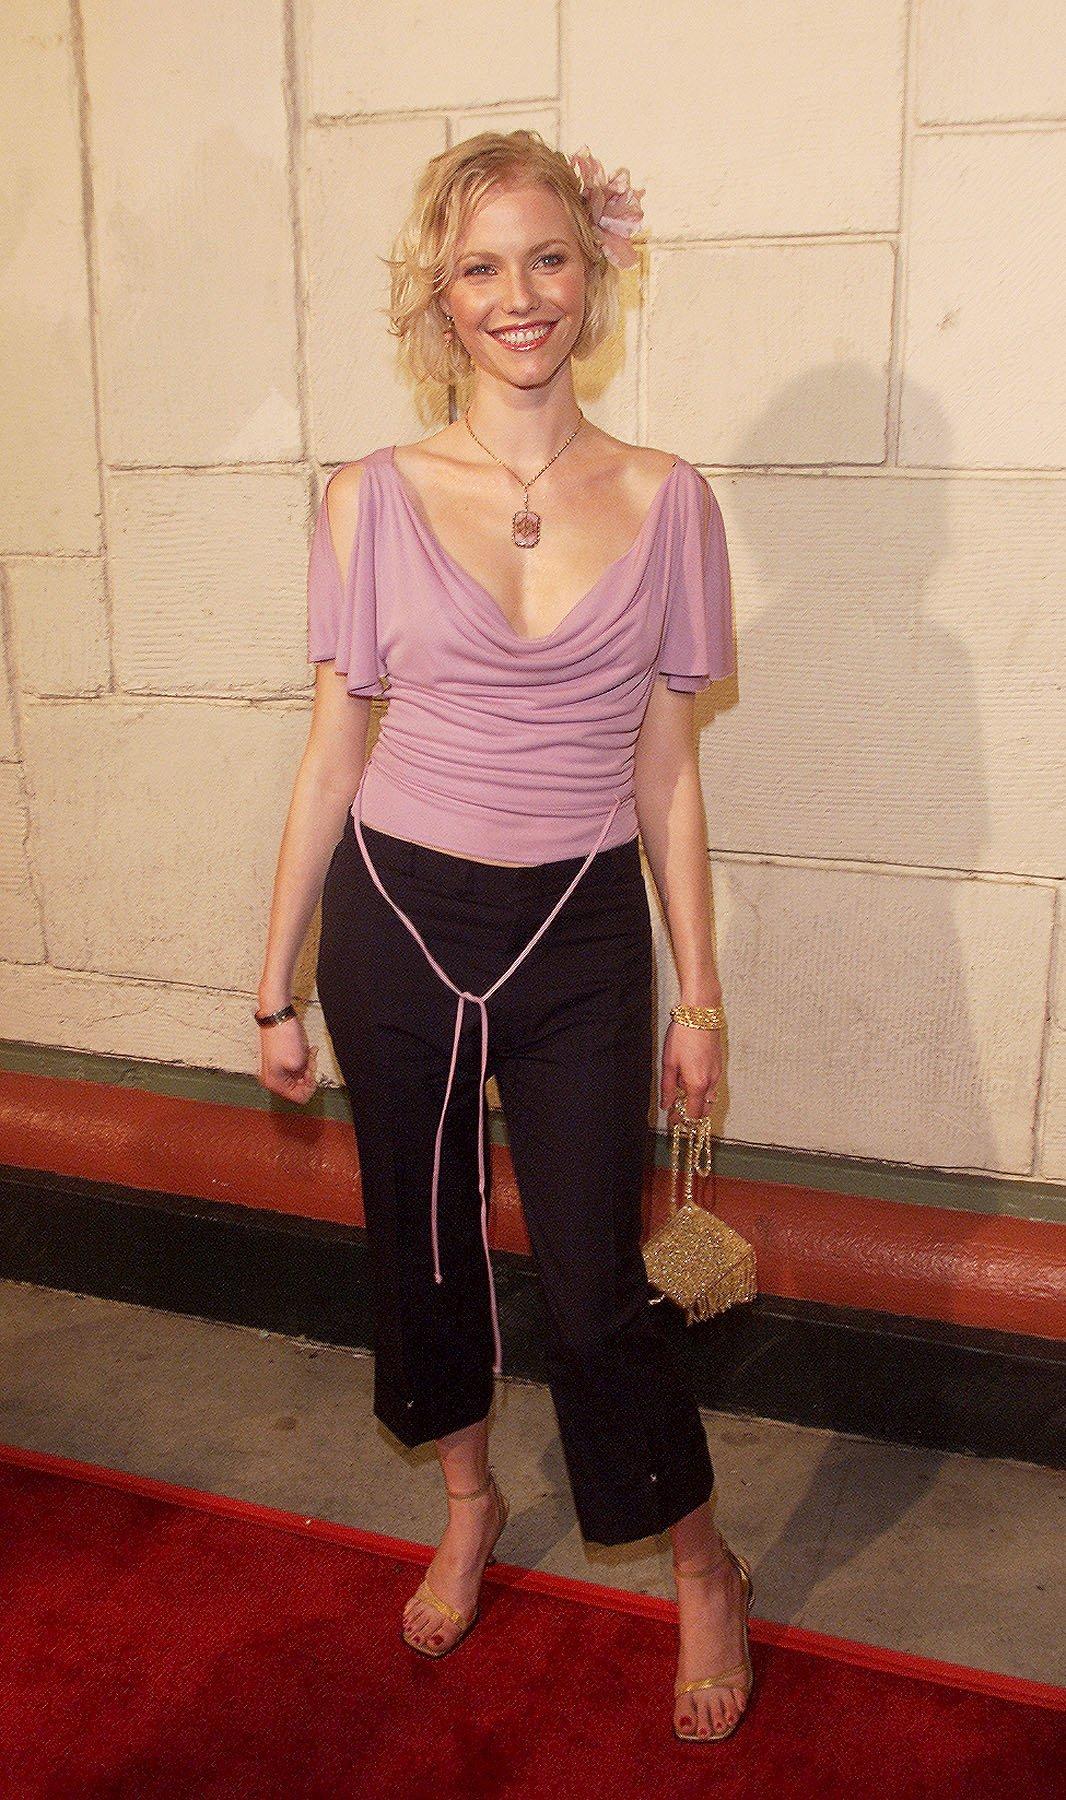 Kristen Alderson born May 29, 1991 (age 27) foto